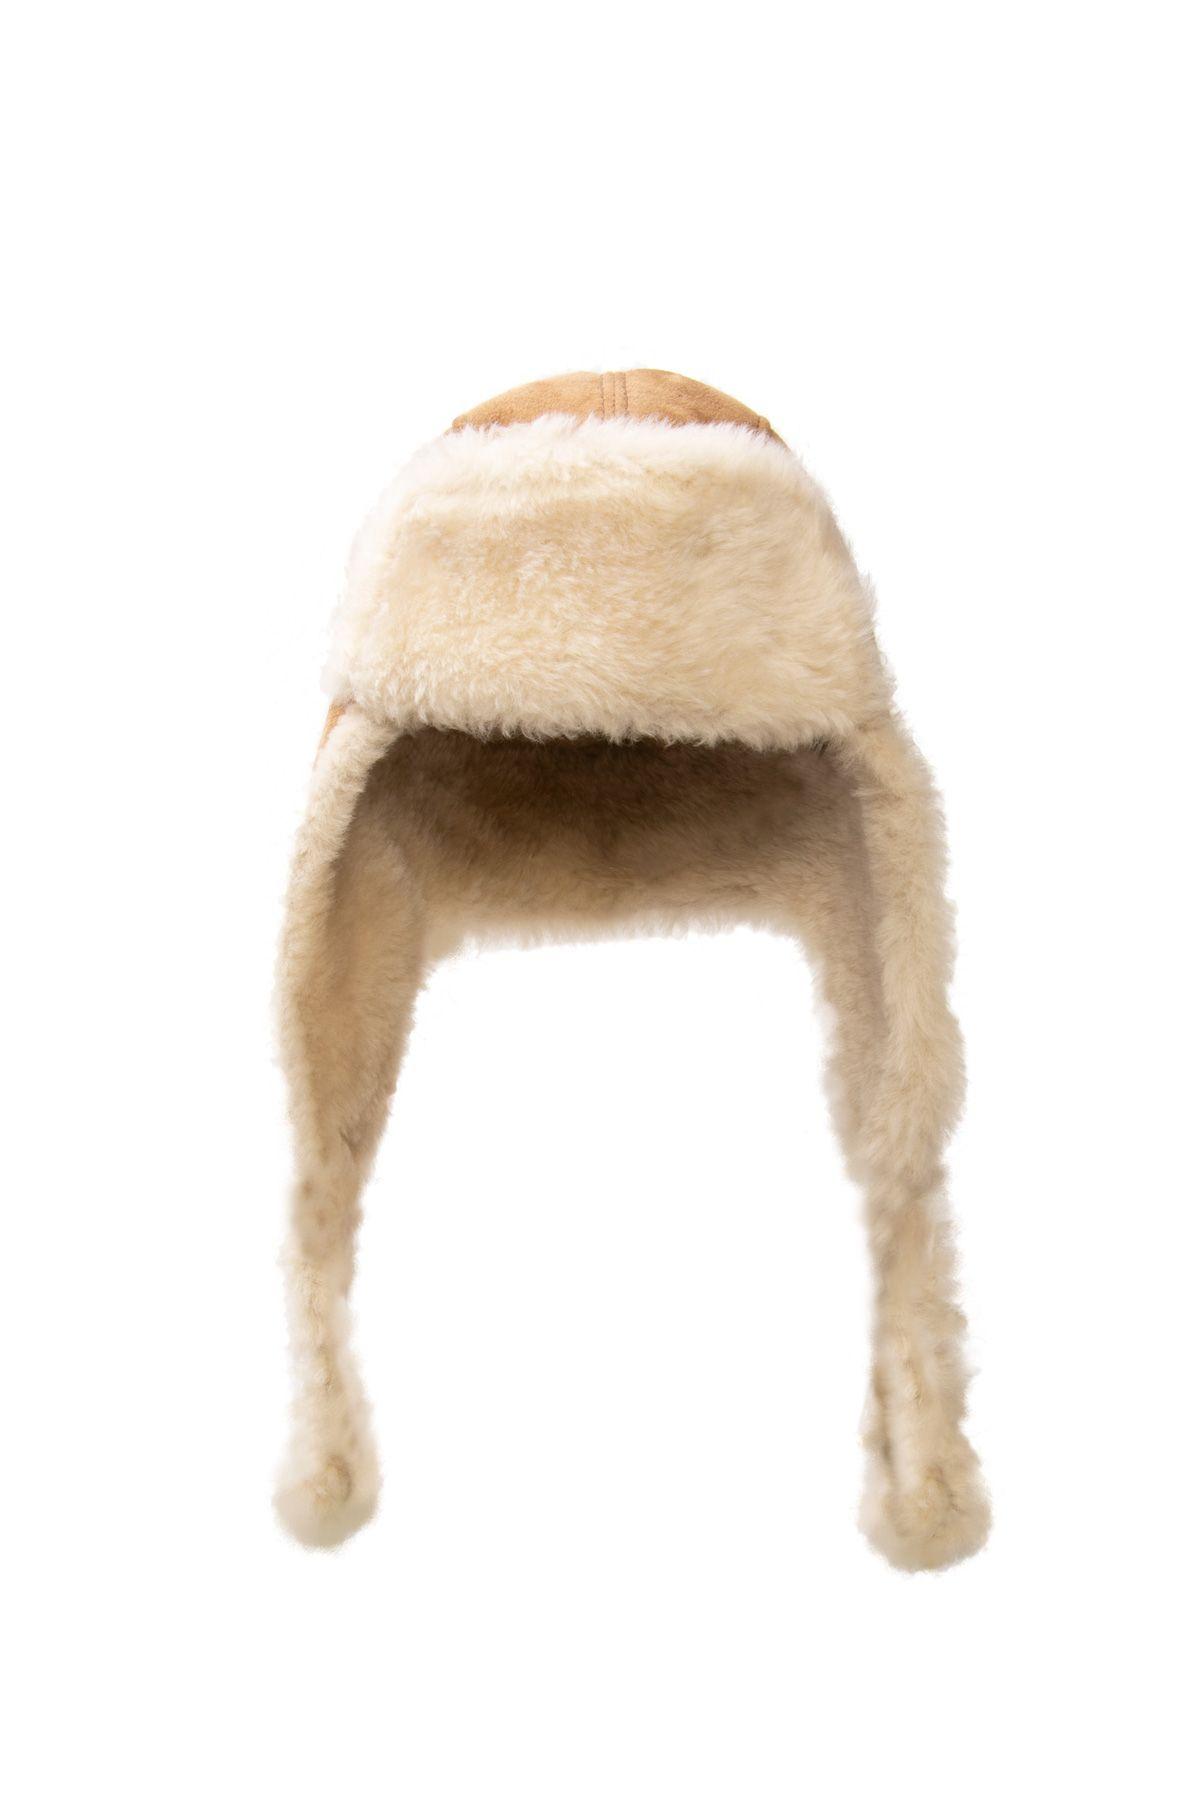 Pegia Hakiki Deri İçi Kürk Kulaklıklı Şapka 18AS19 Kahve